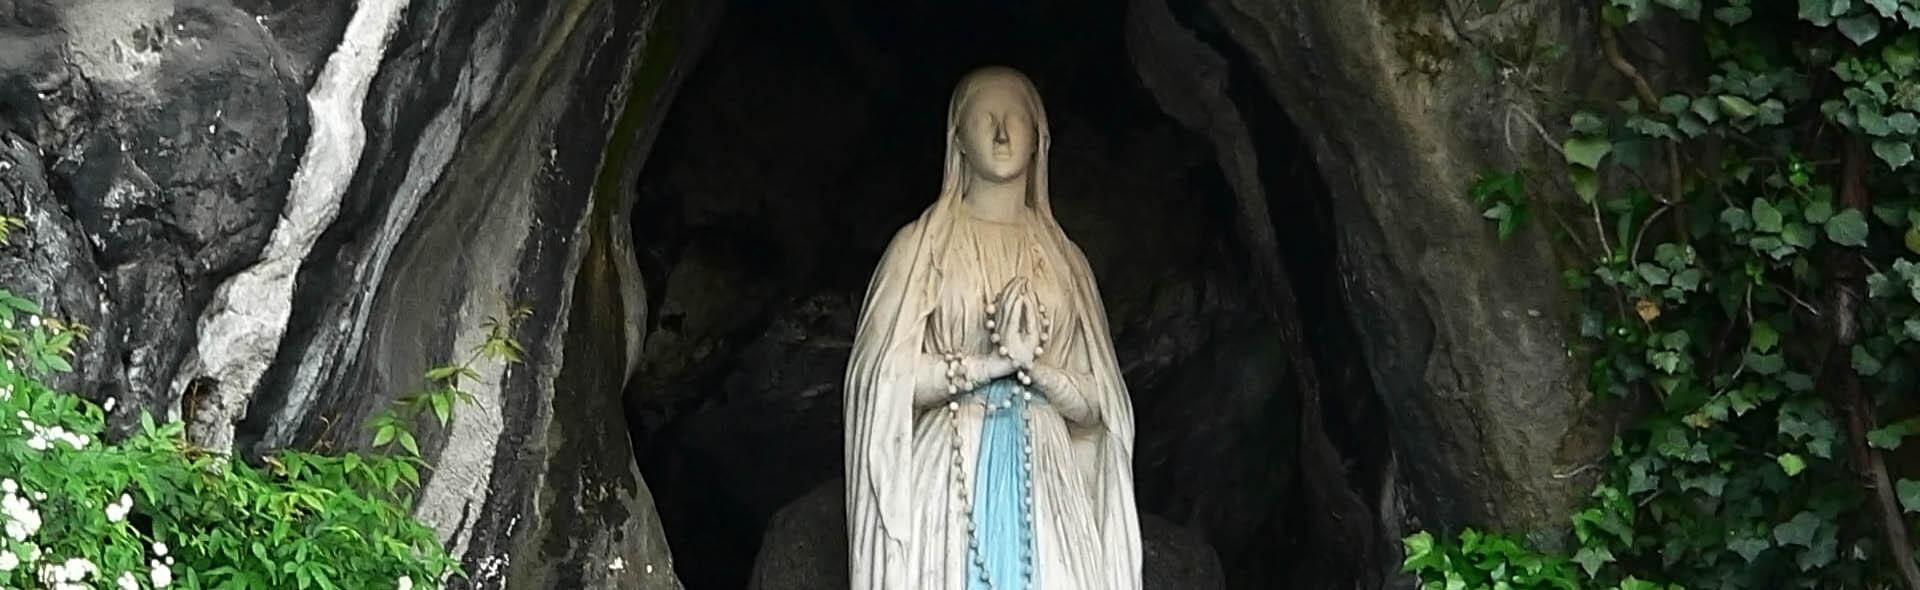 Viaggio a Lourdes in Aereo da Napoli 2 Giugno